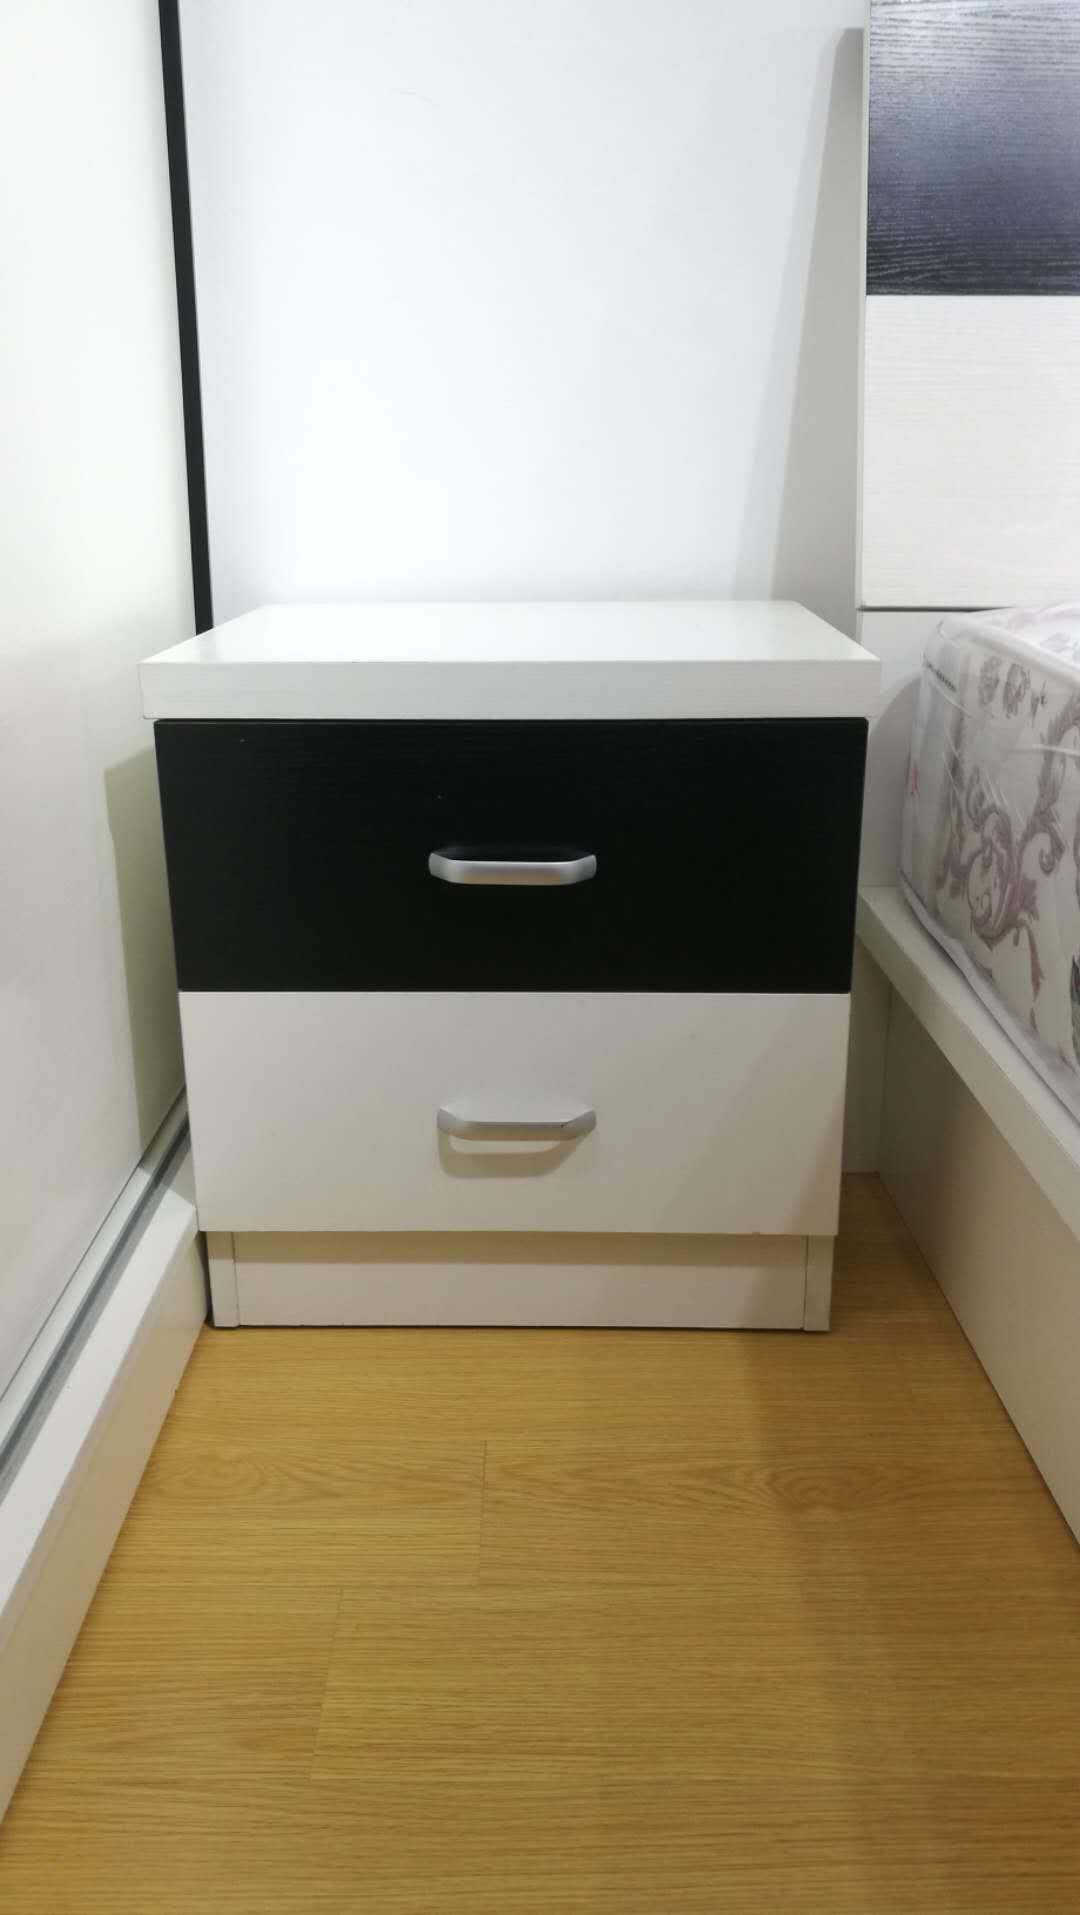 时尚风格黑白拼色床边柜